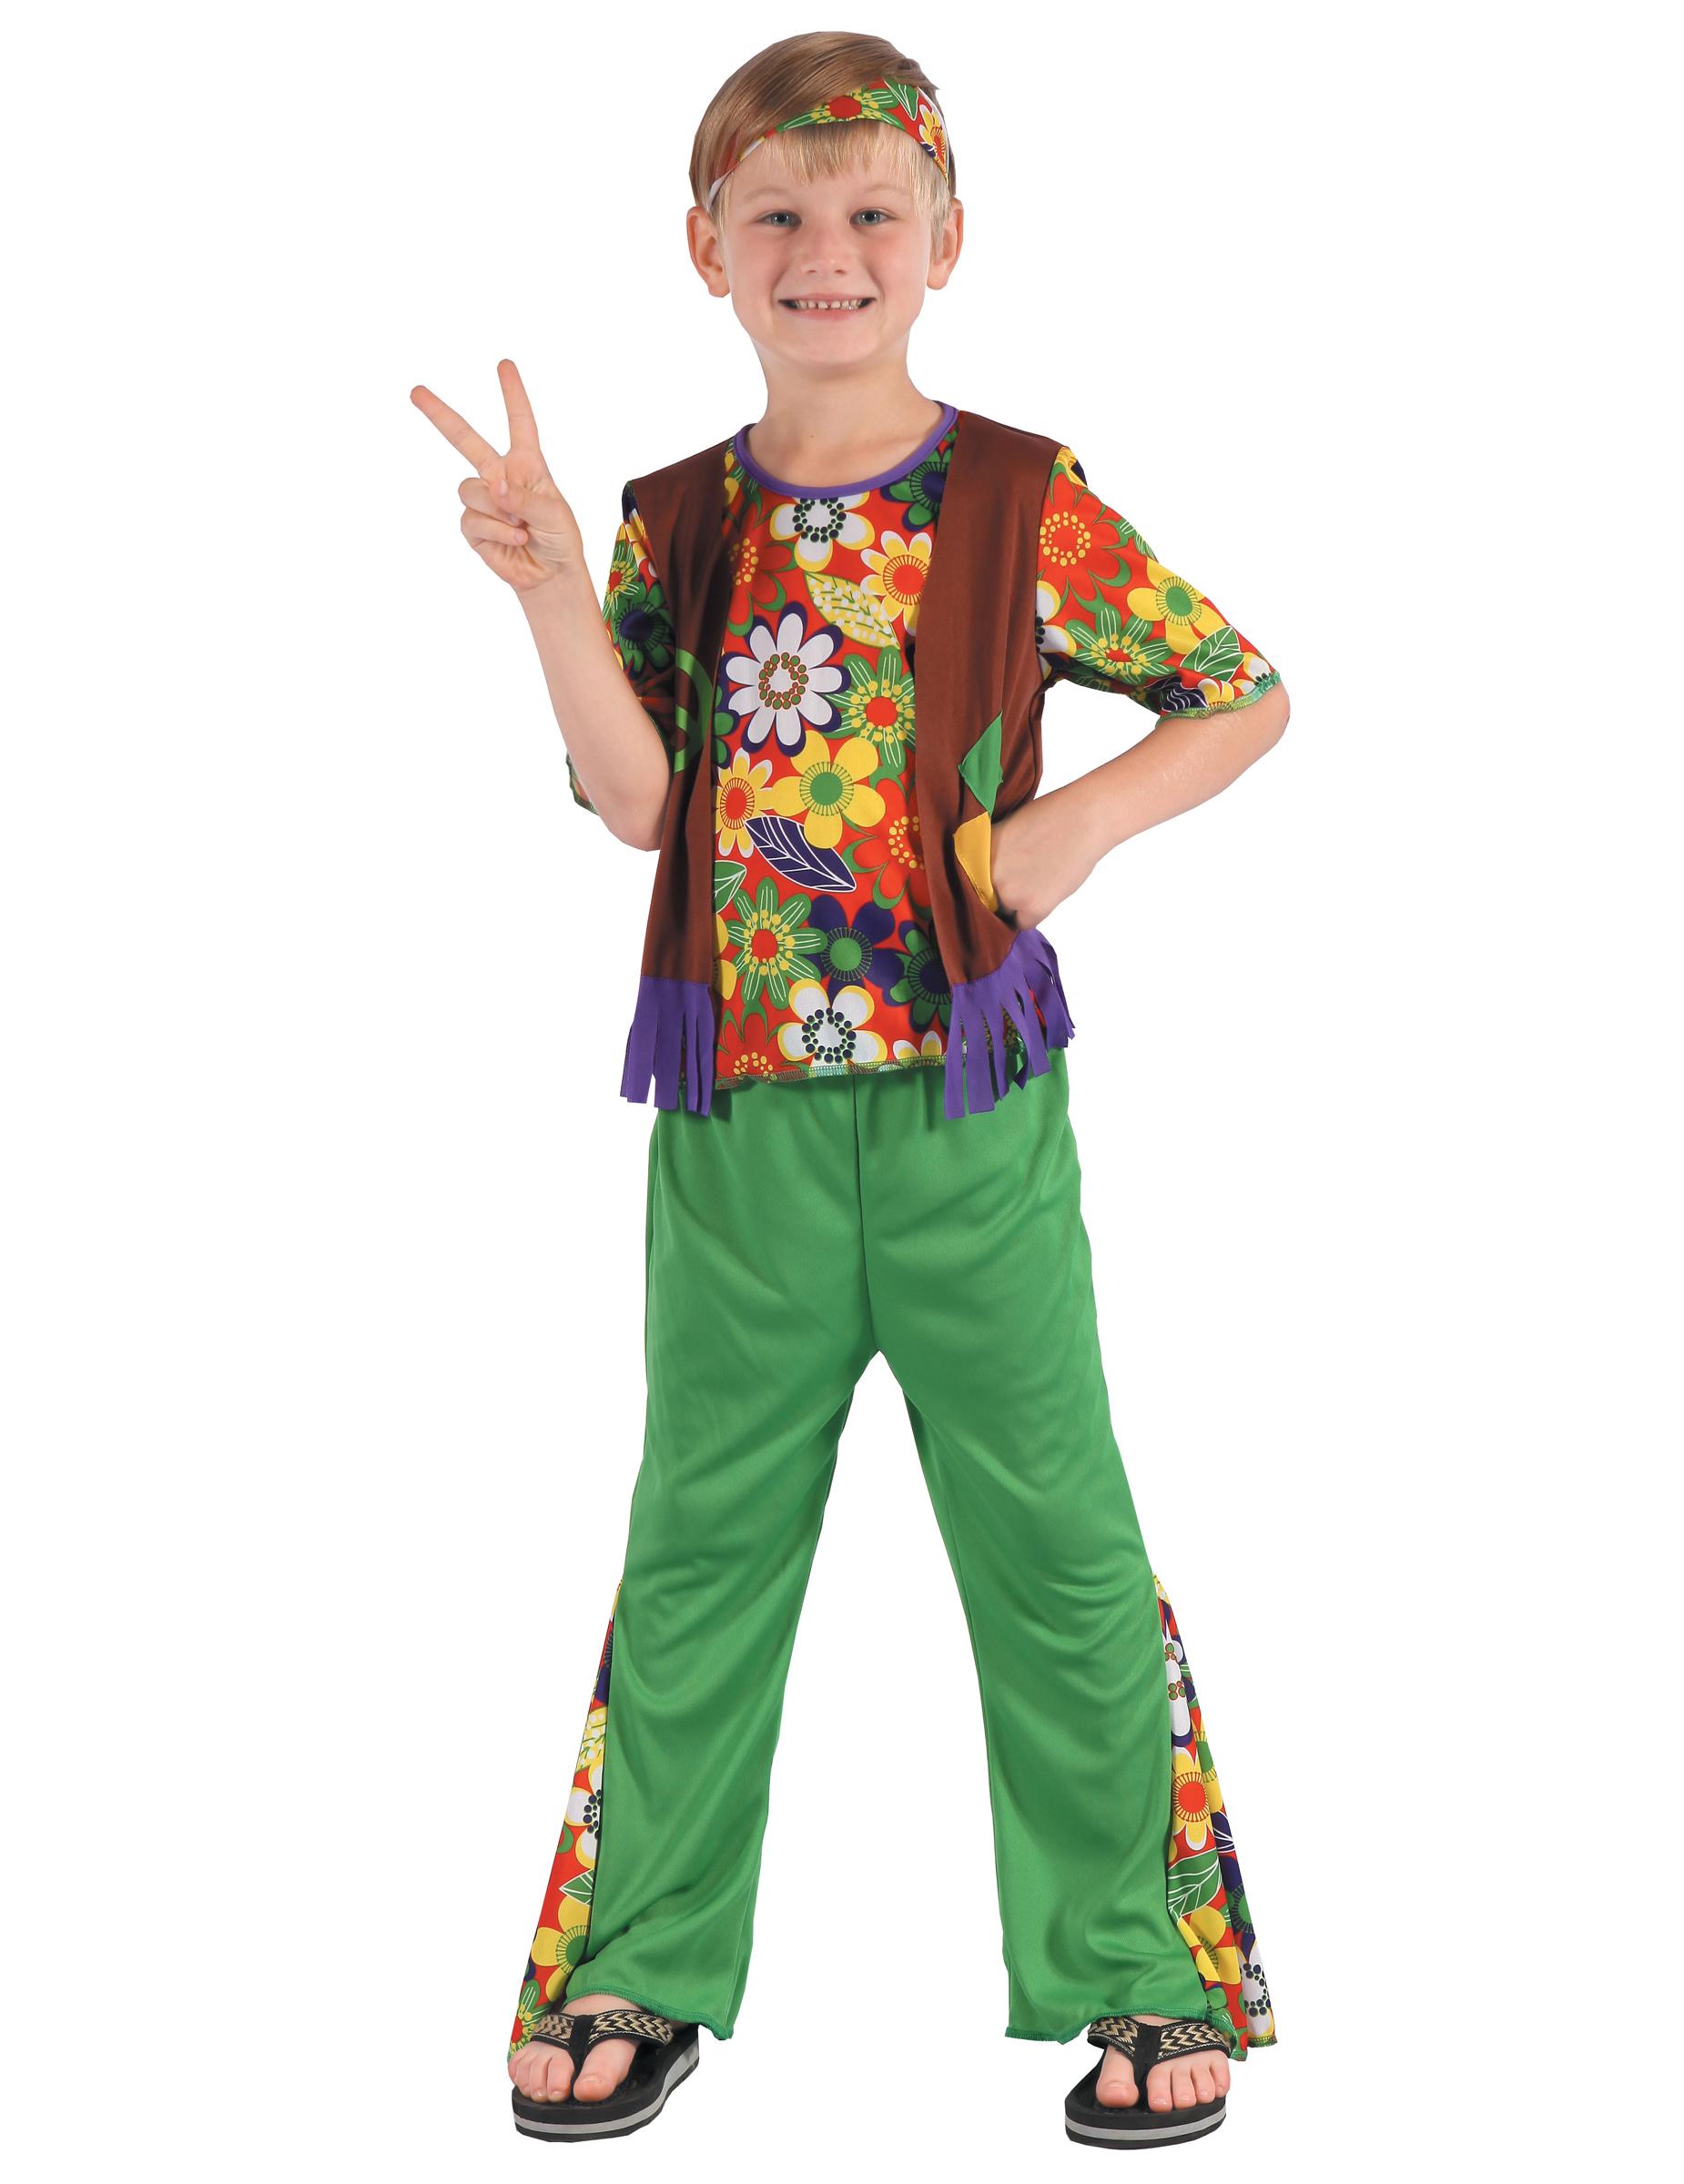 FLOWER Power Bambini Costume Hippie Costume bambini hippie Peace Costume figlio dei fiori